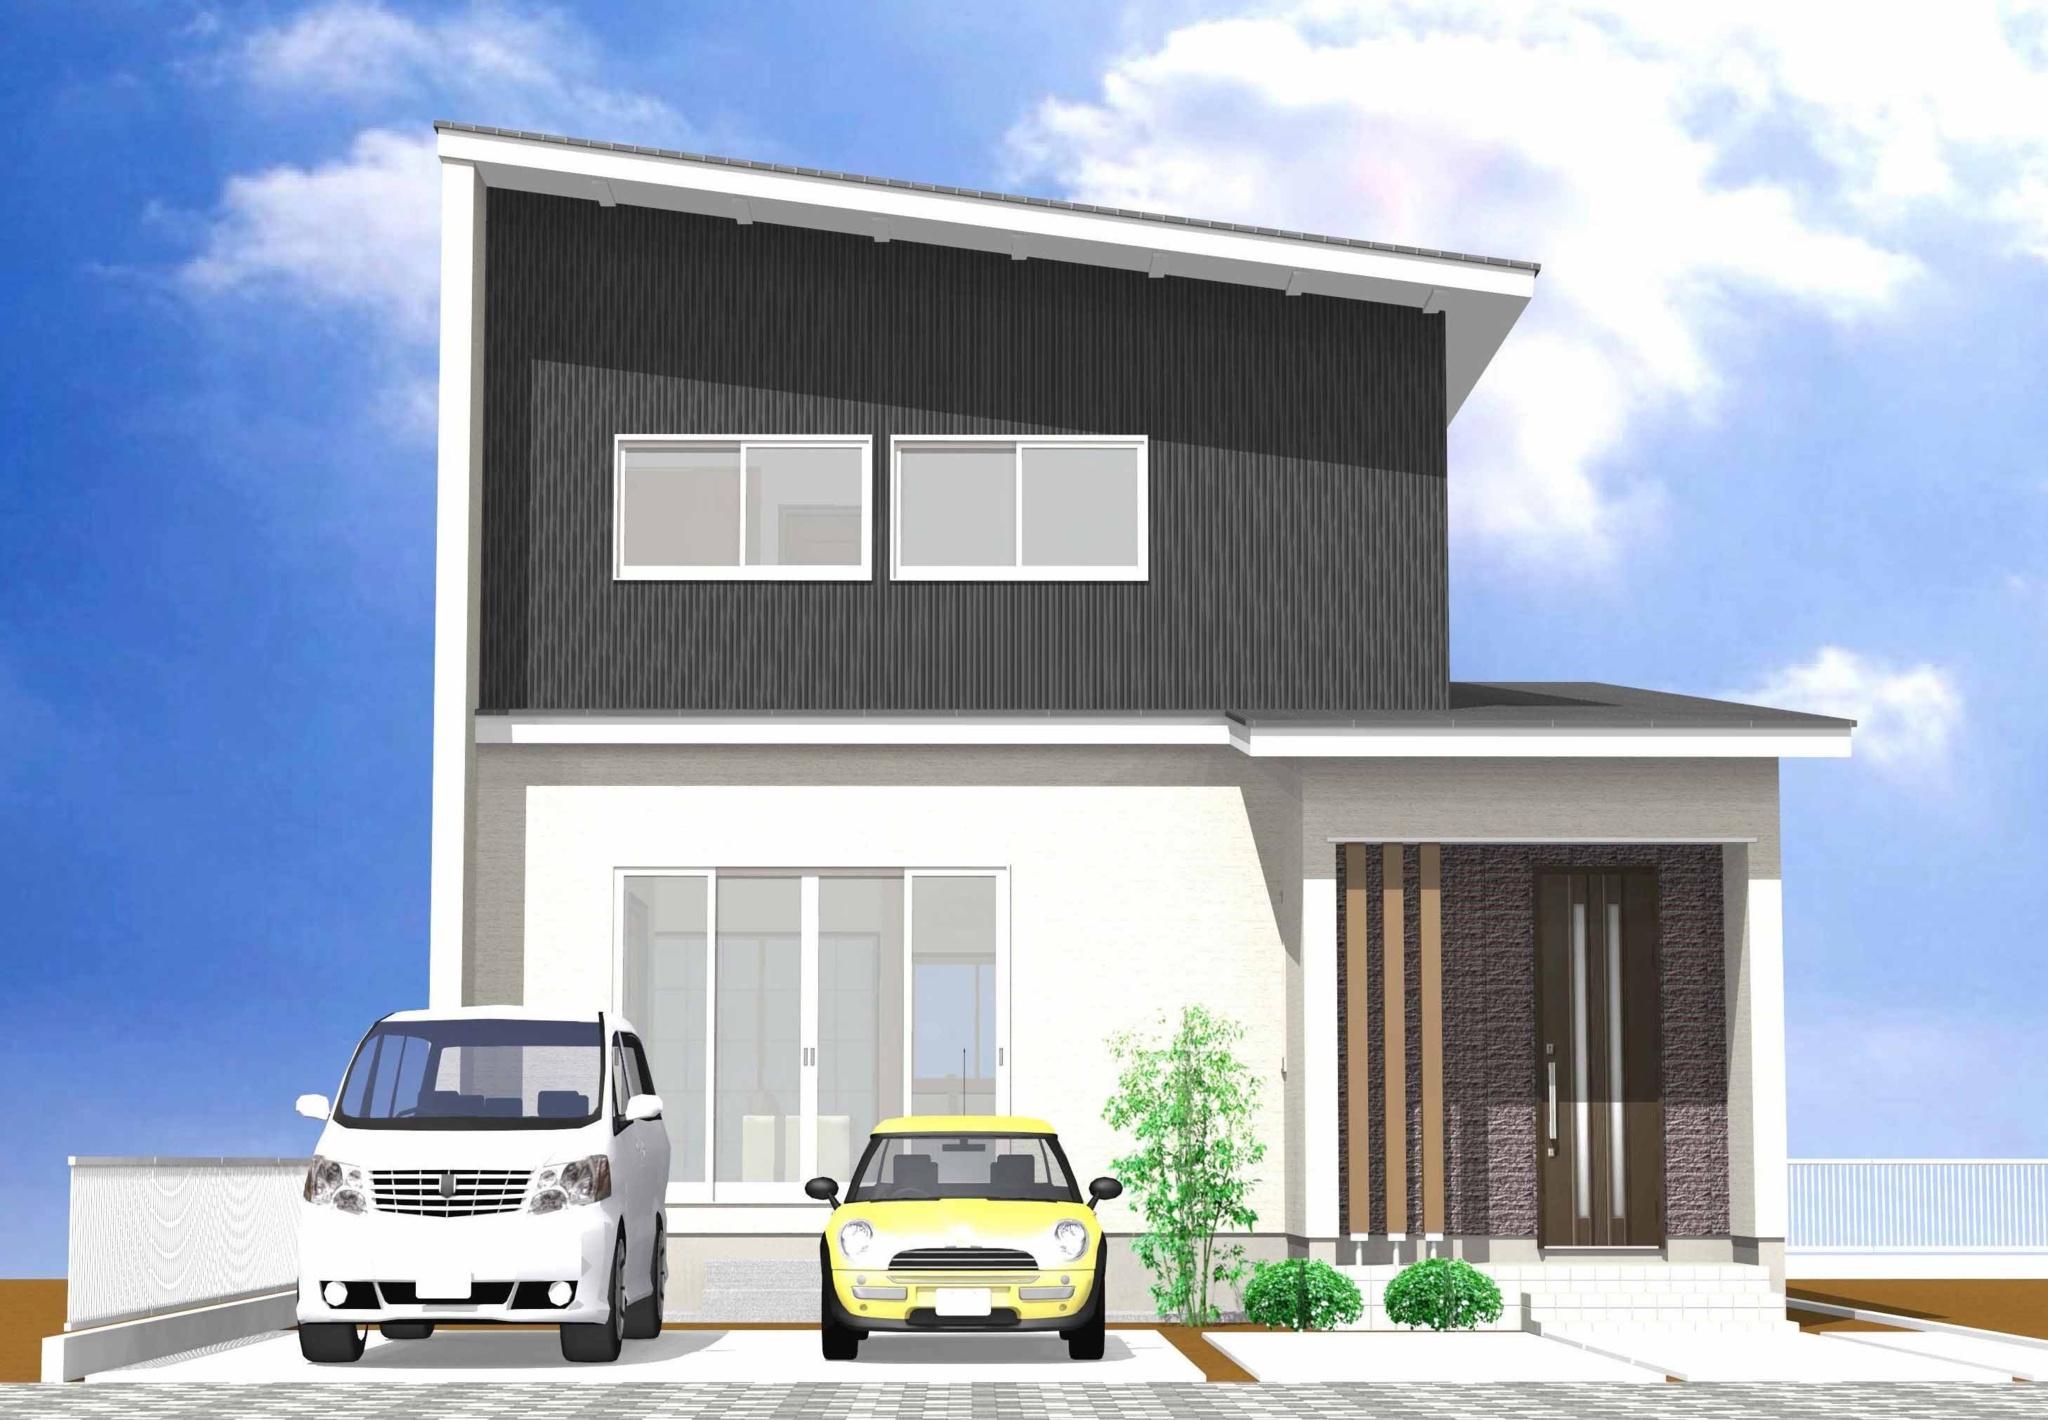 福井の注文住宅や分譲住宅・不動産売買・リフォーム・耐震診断・改修のご相談はナカノ住宅開発まで